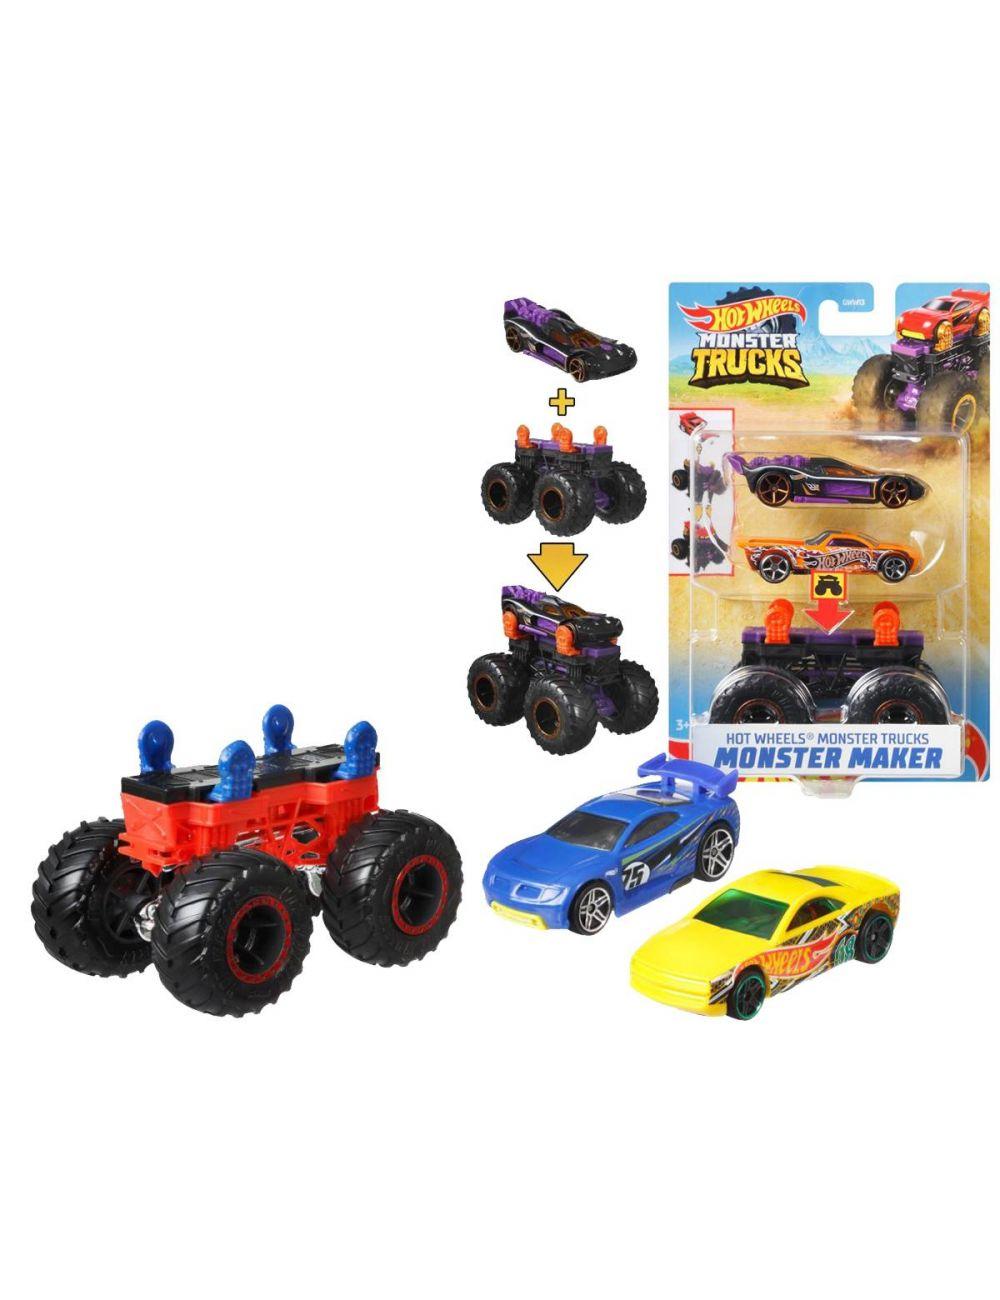 Hot Wheels Pojazd Monster Trucks Maker 1:64 GWW13